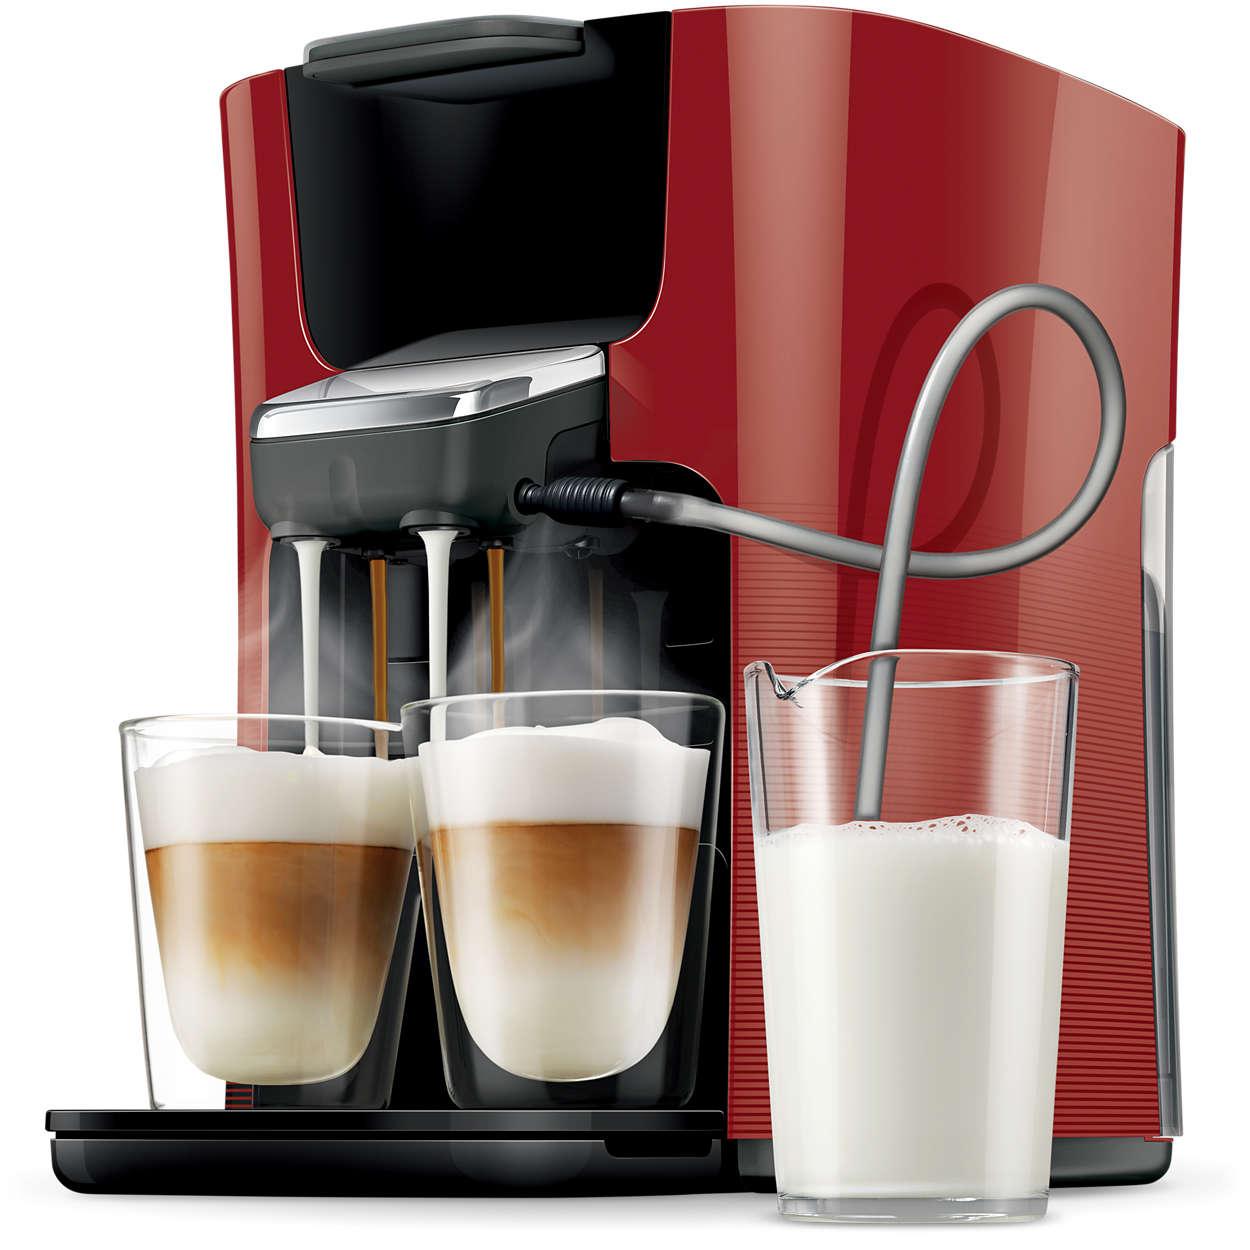 Enfin deux cappuccinos à la fois, avec du lait frais!